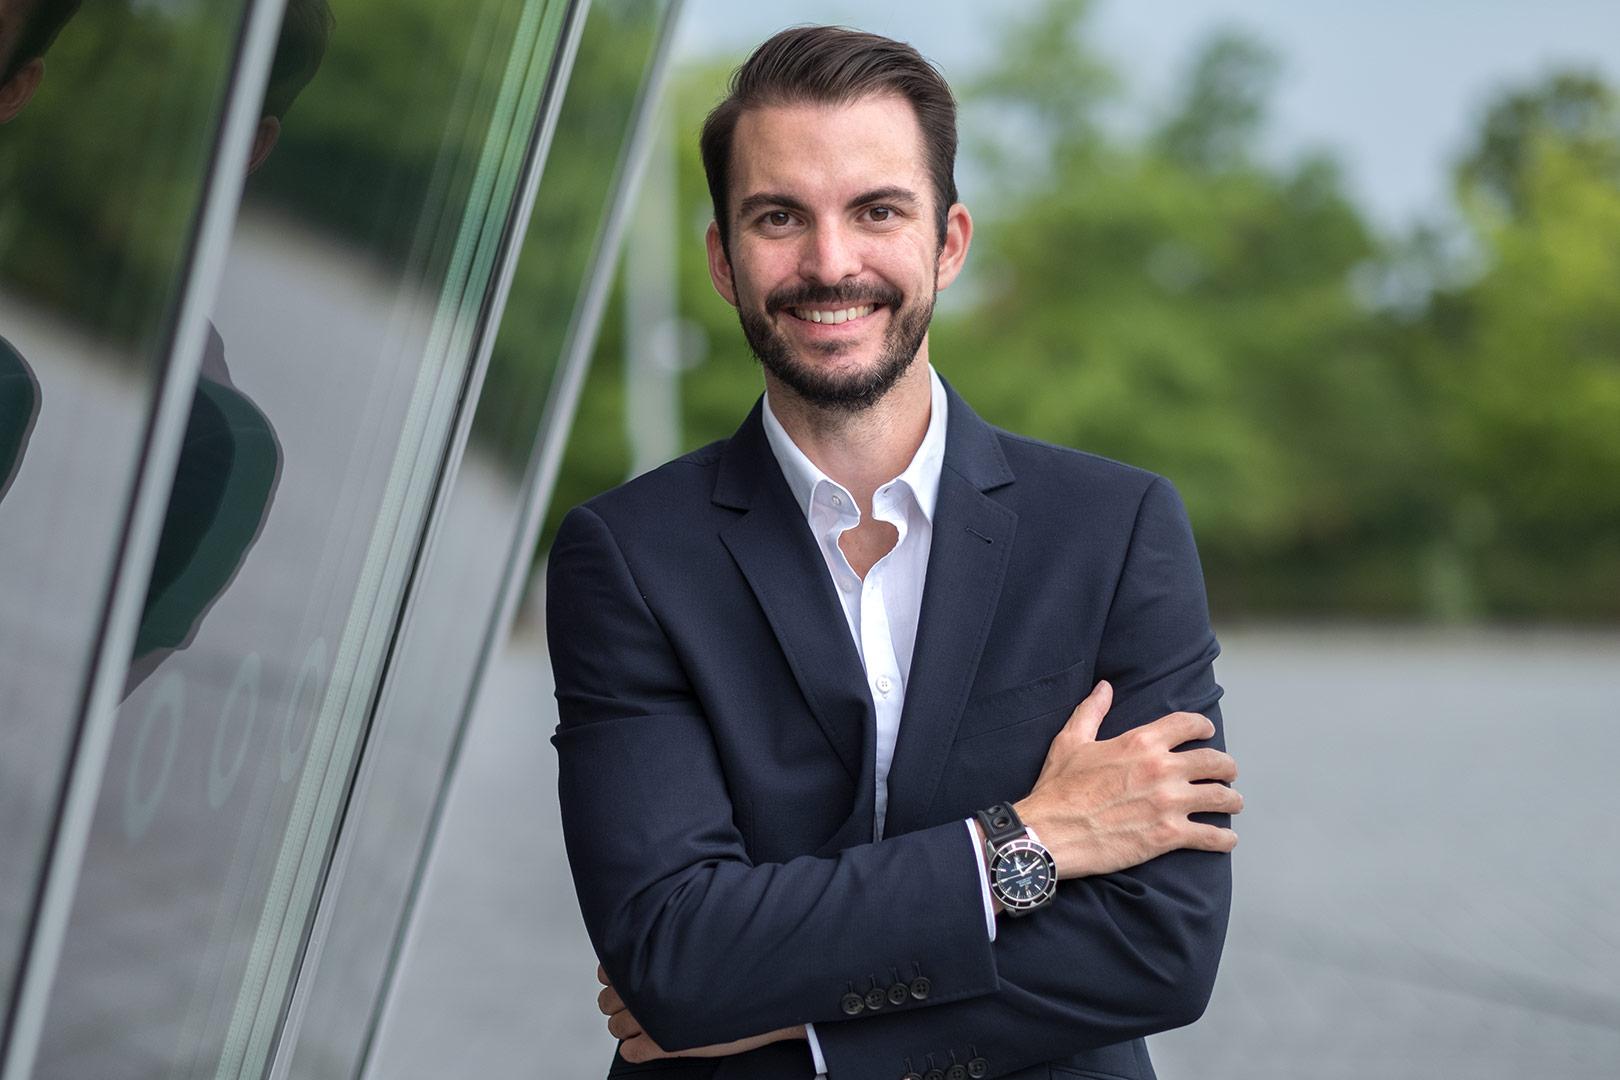 Portrait von Unternehmensberater Gerrit Speidel im Anzug